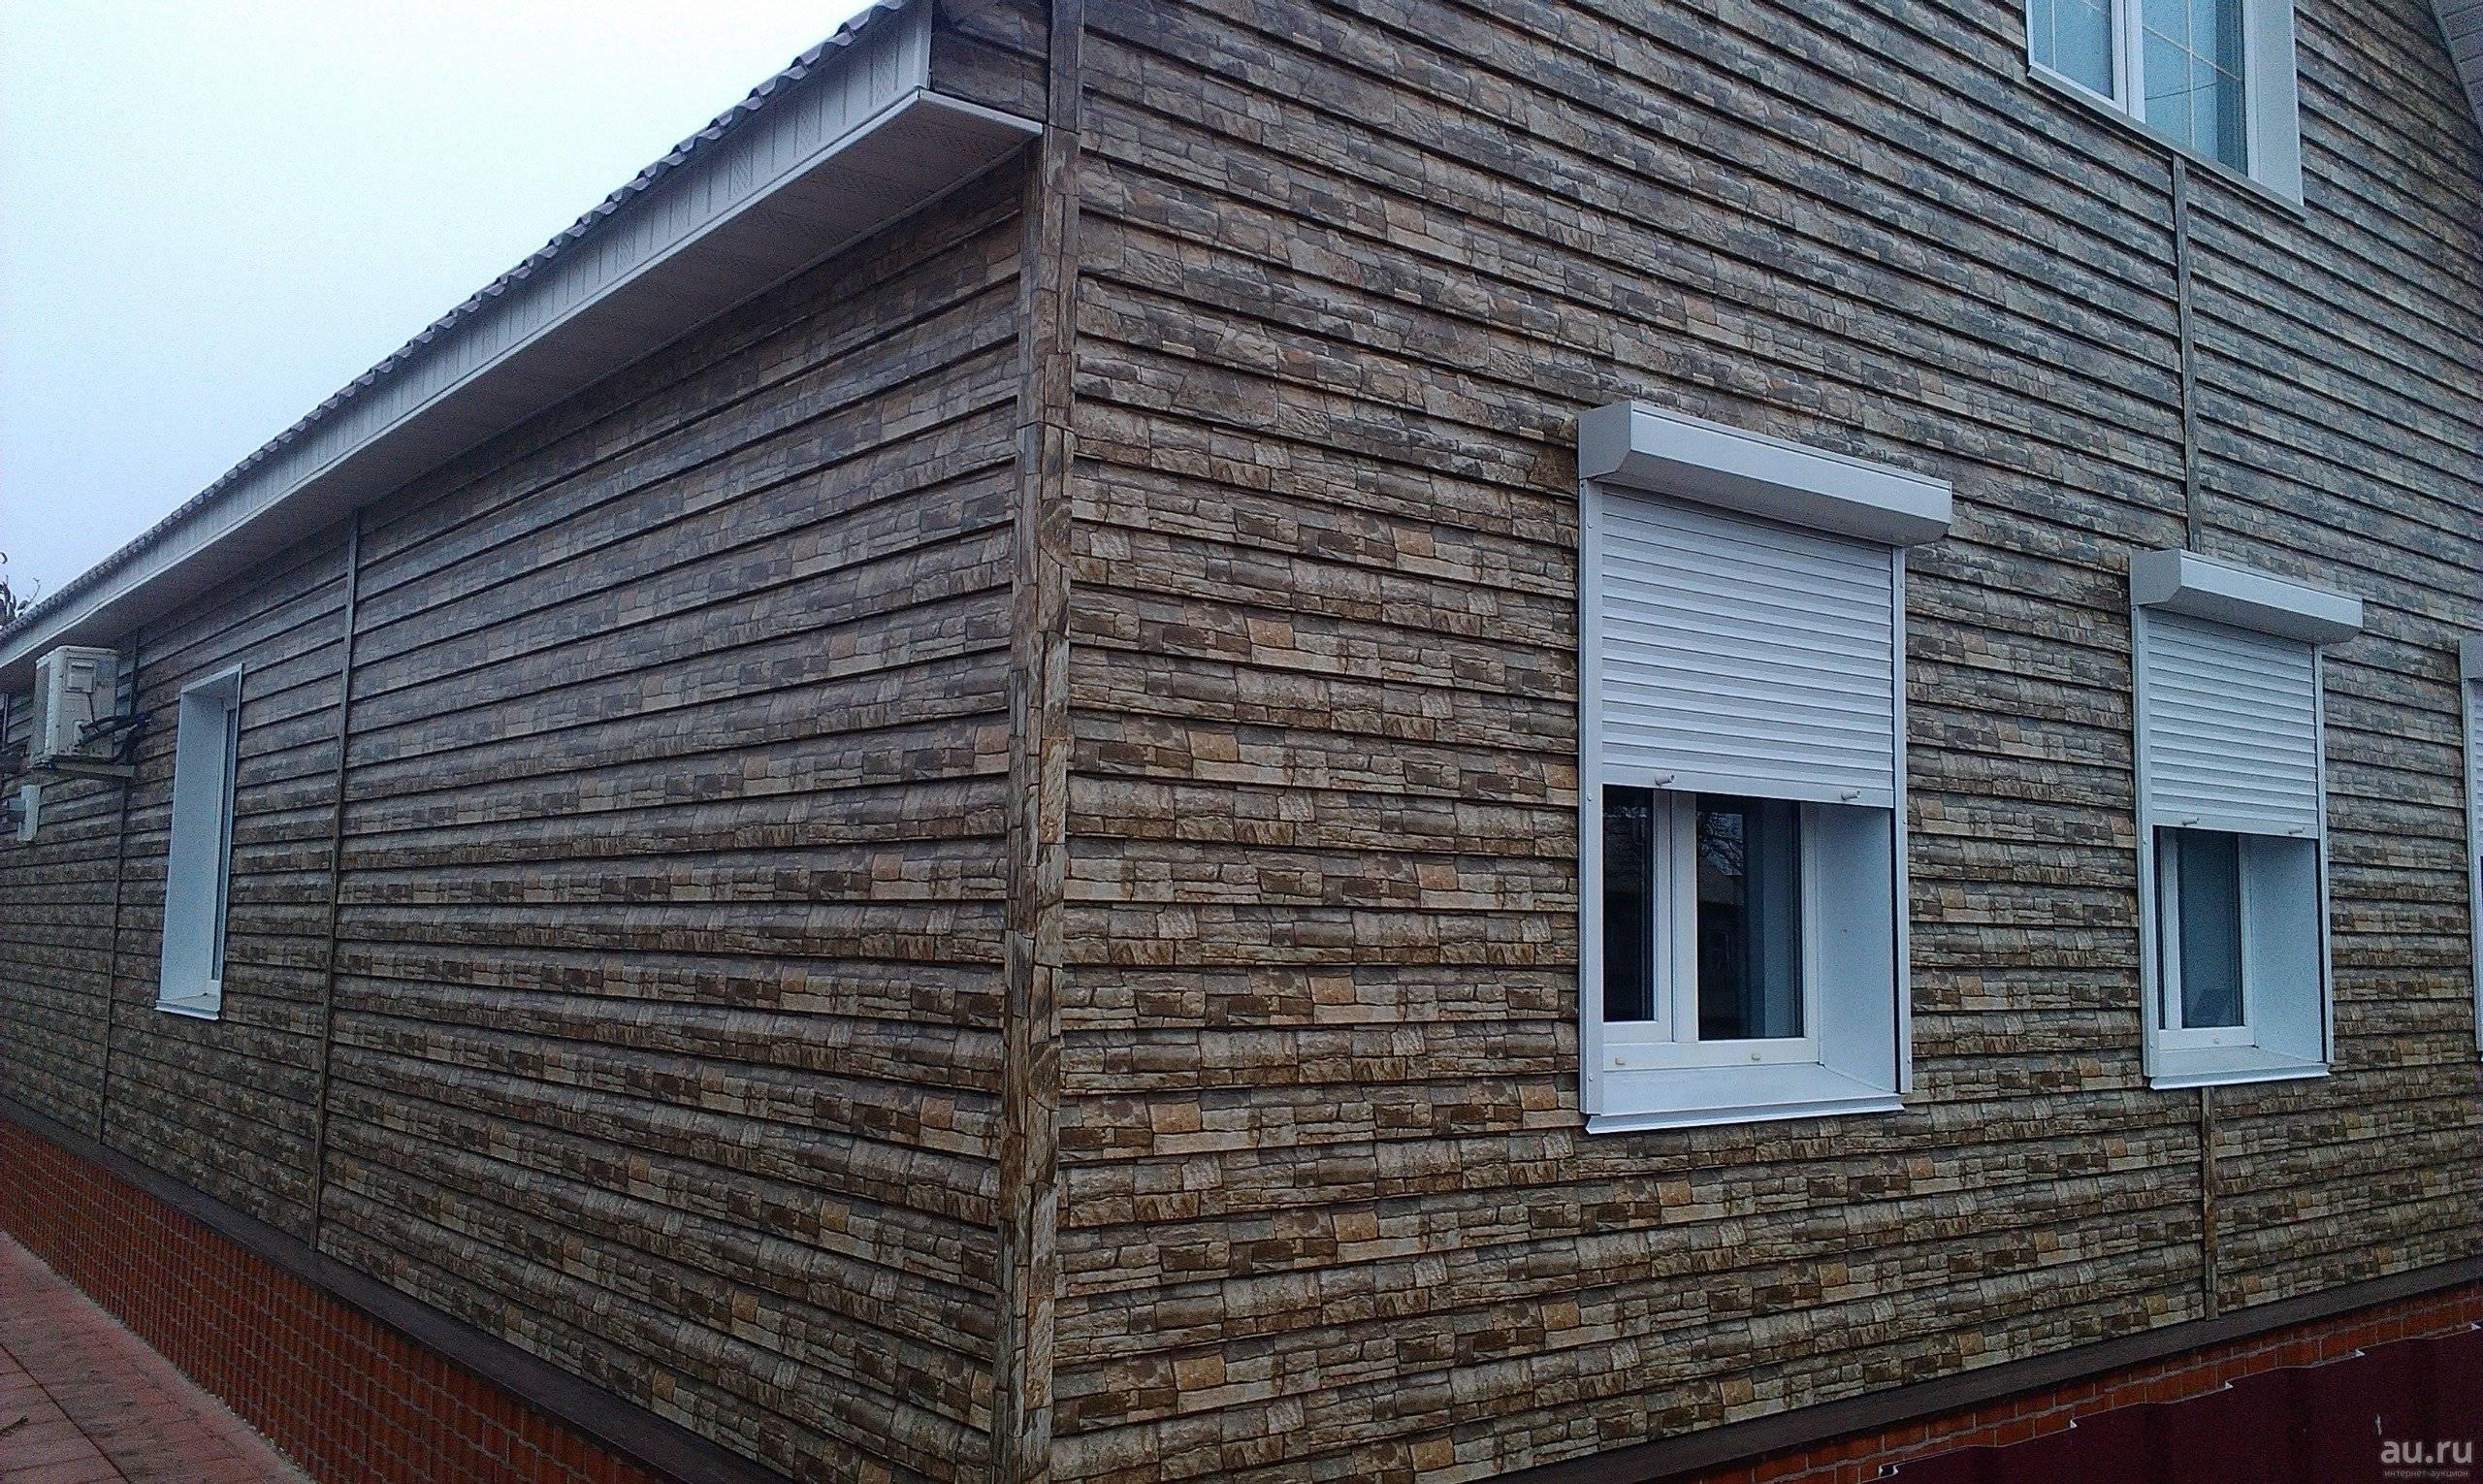 Что лучше выбрать — сайдинг или фасадные панели? сравнение технических особенностей